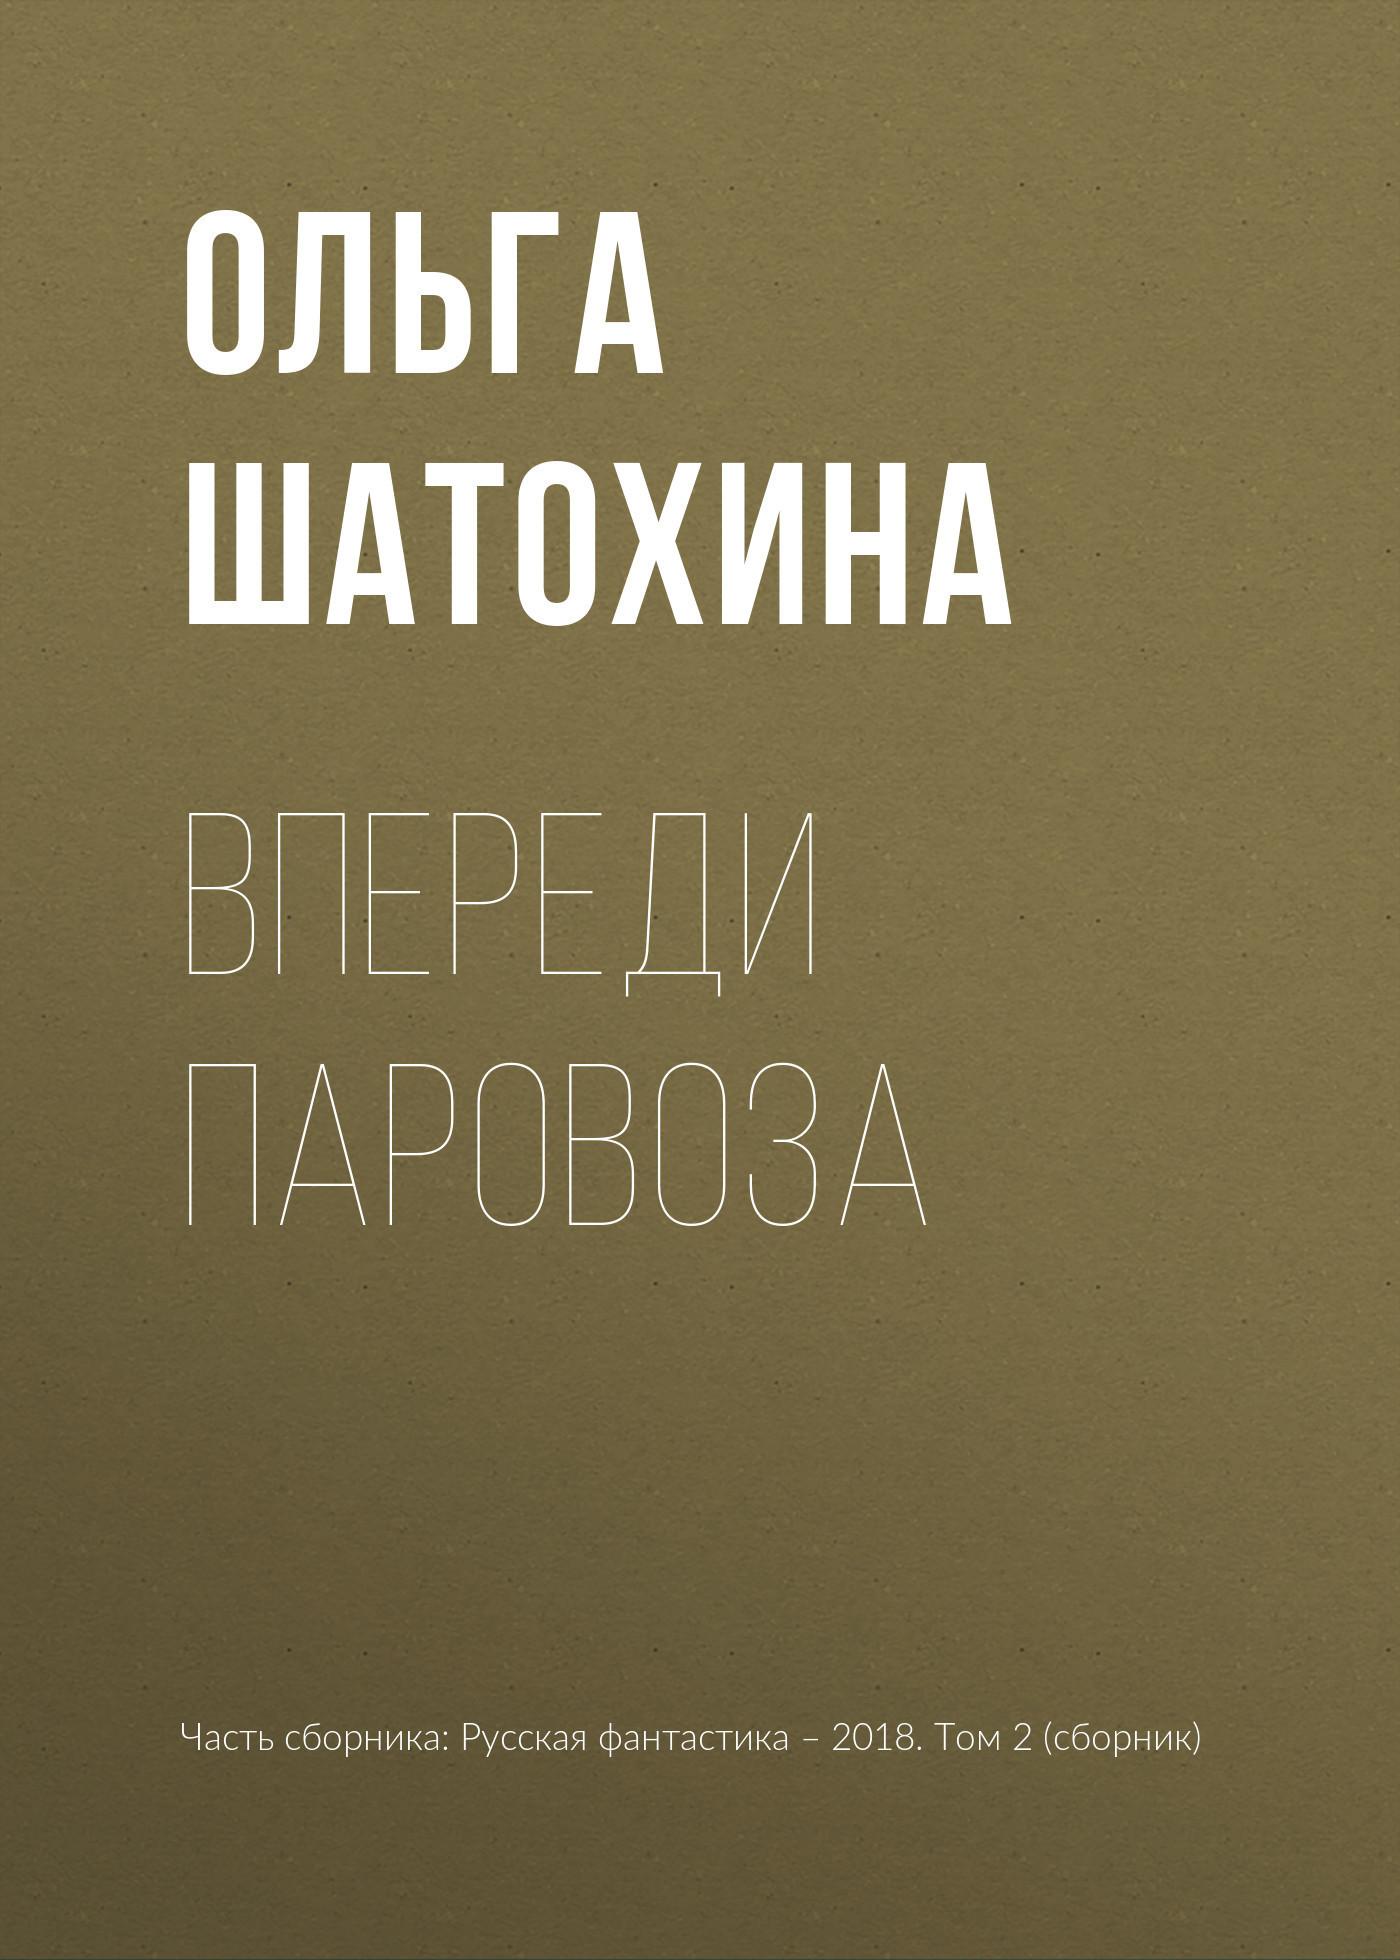 Ольга Шатохина - Впереди паровоза